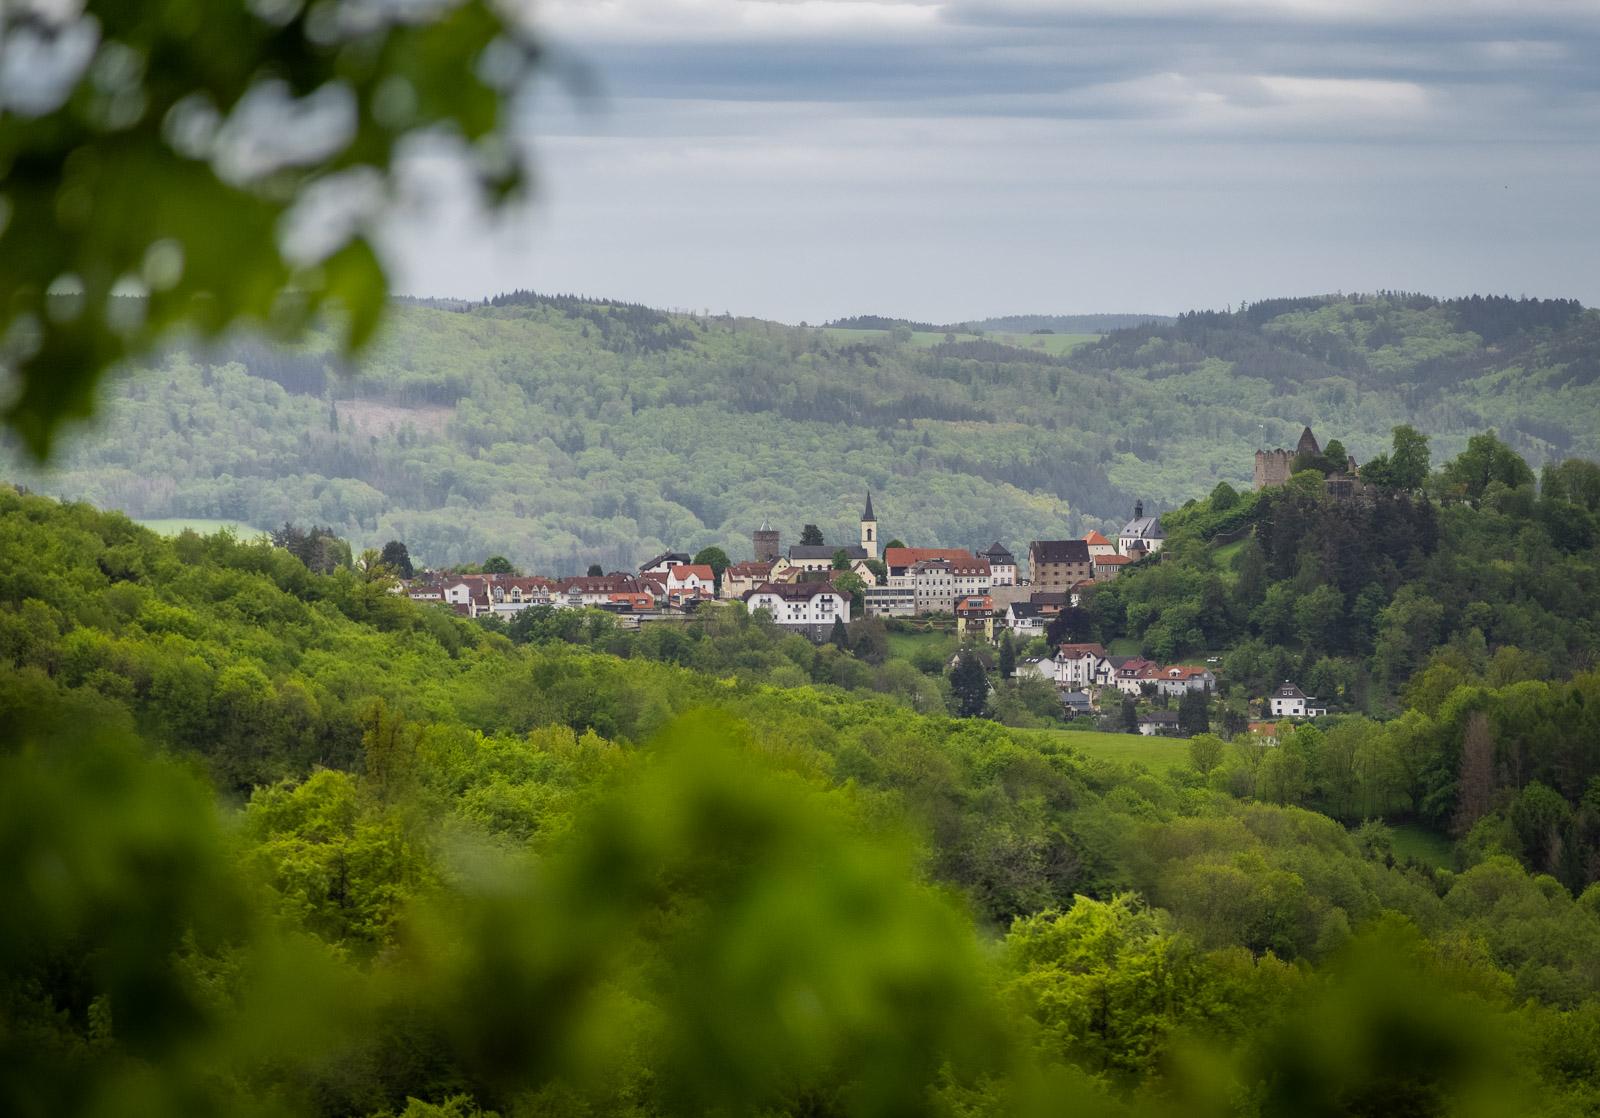 Der Ort Lindenfels im Odenwald